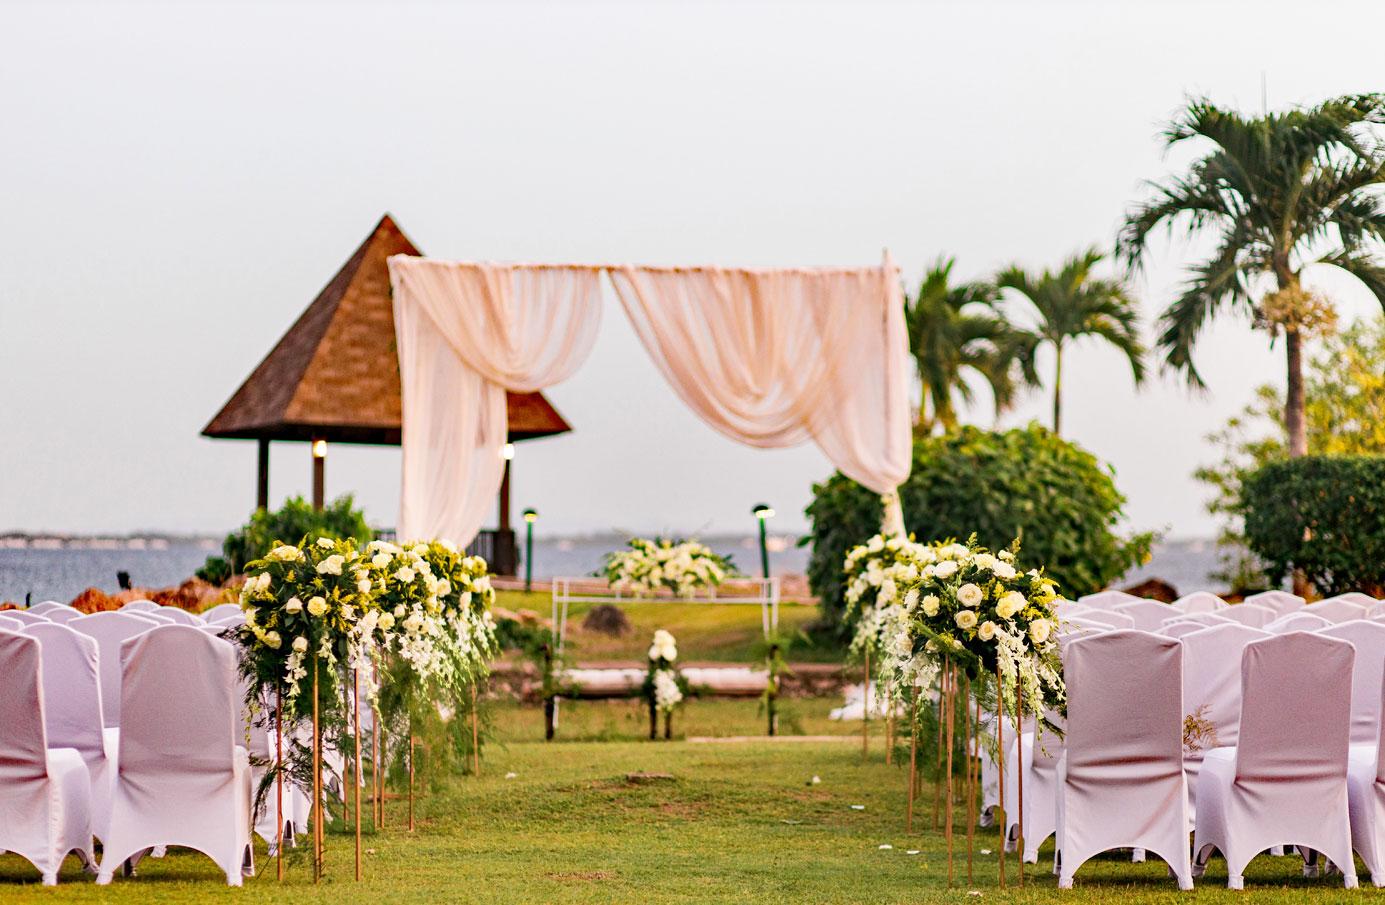 cebu-wedding-garden (1)